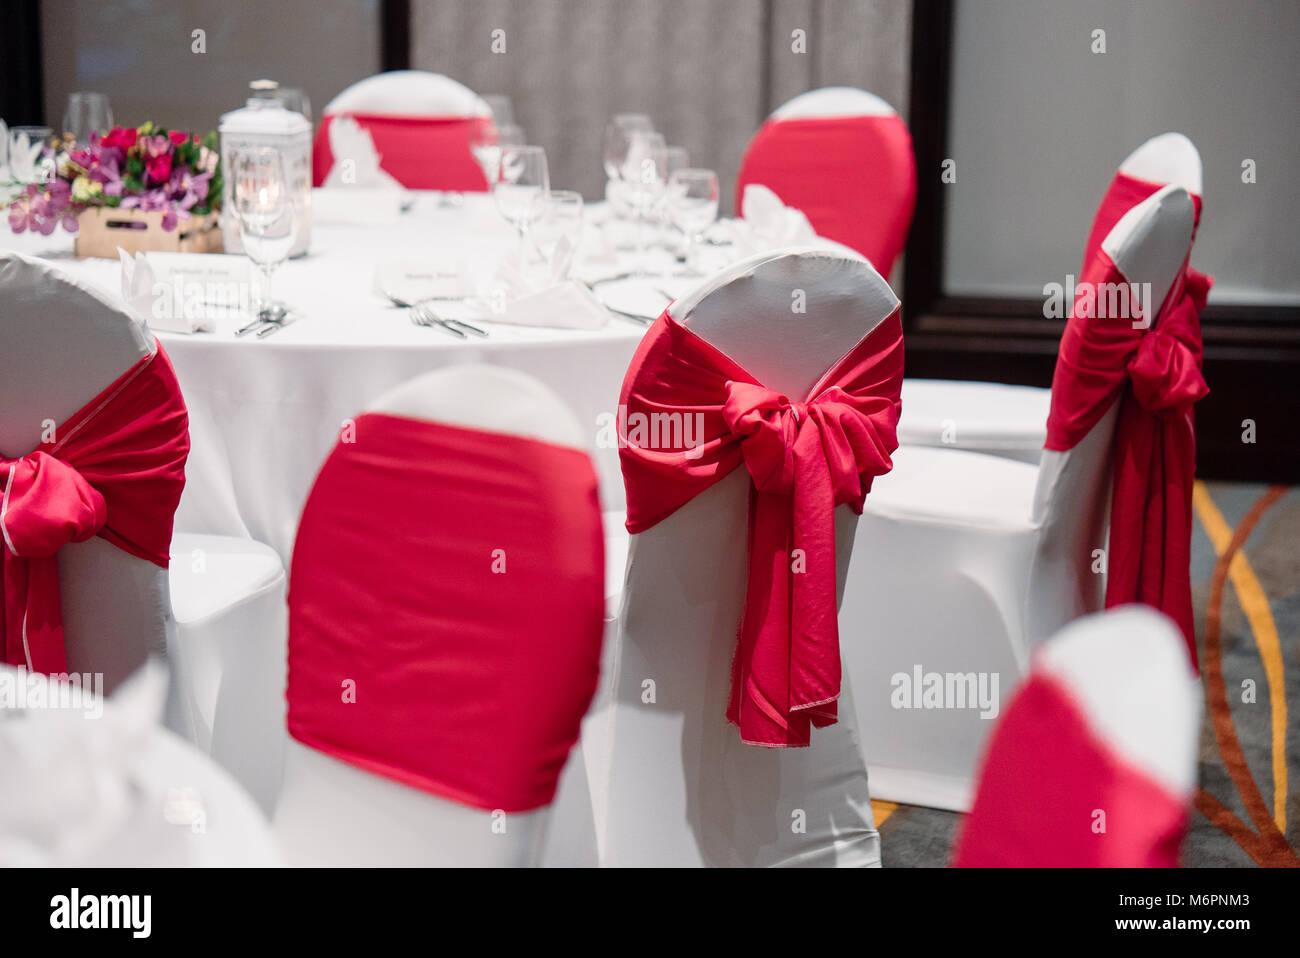 Die Hochzeitsfeier Essen Mit Orchideen Blumen Kerzen Weiss Spandex